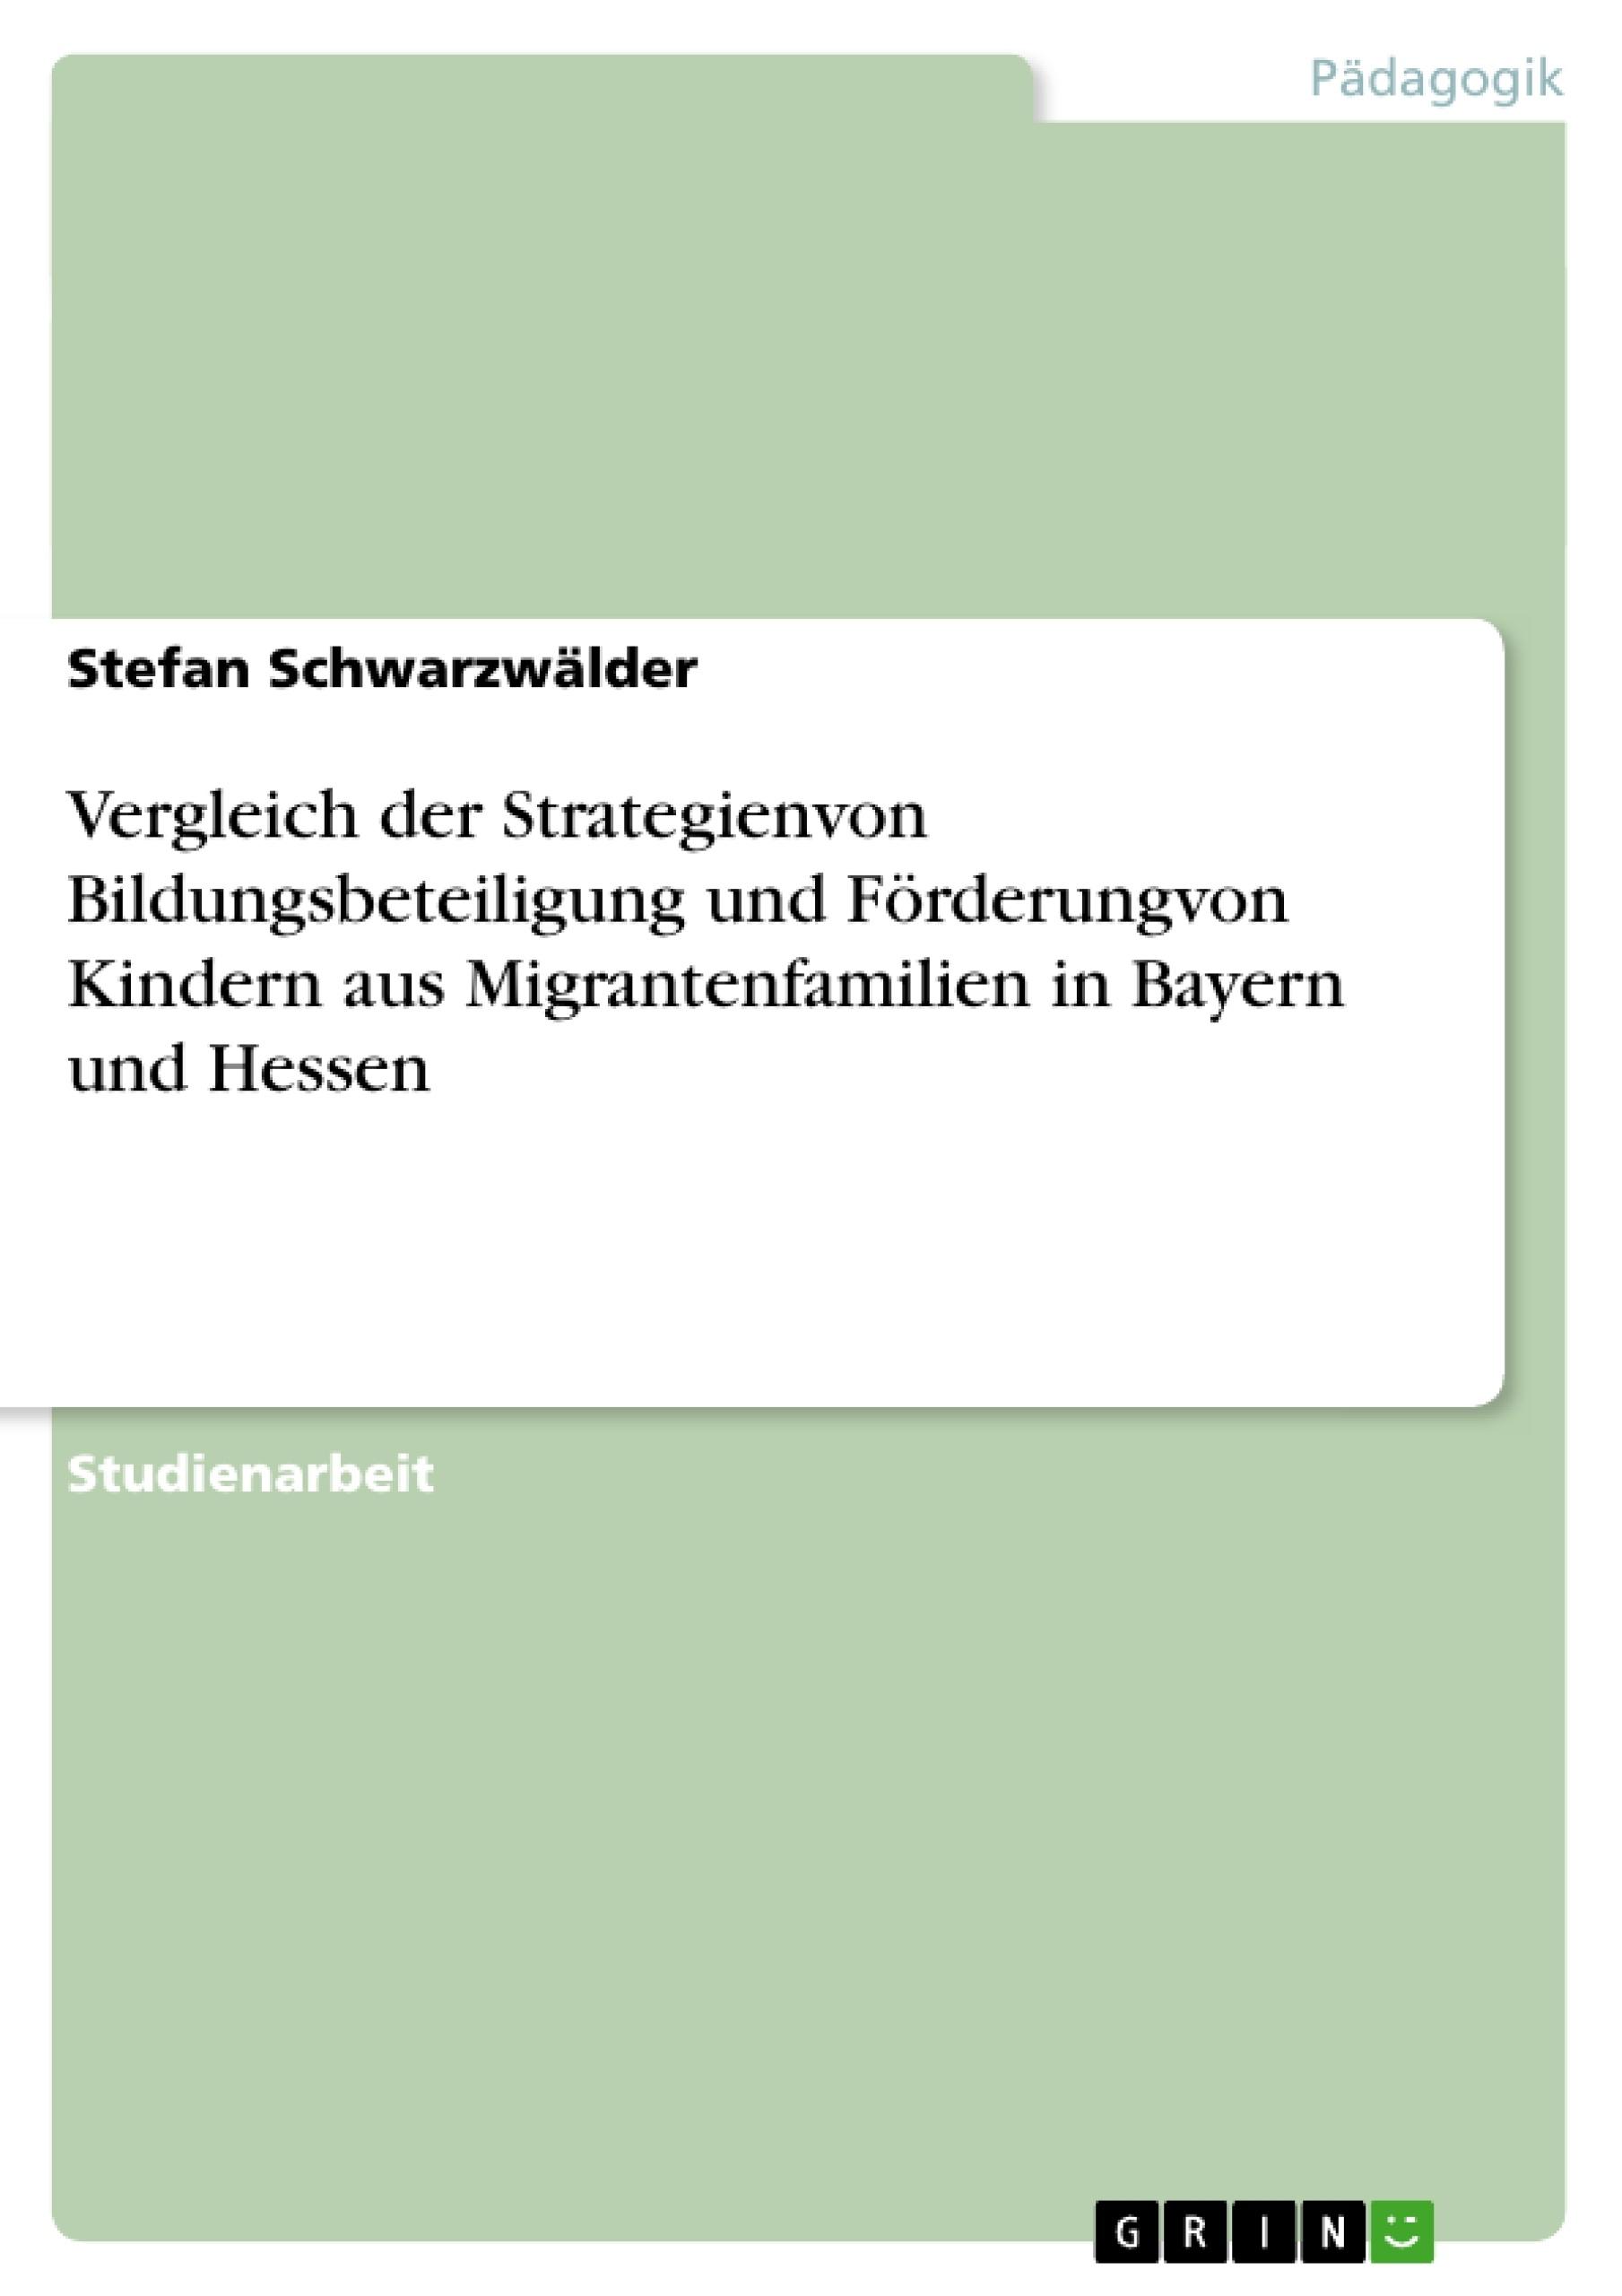 Titel: Vergleich der Strategienvon Bildungsbeteiligung und Förderungvon Kindern aus Migrantenfamilien in Bayern und Hessen